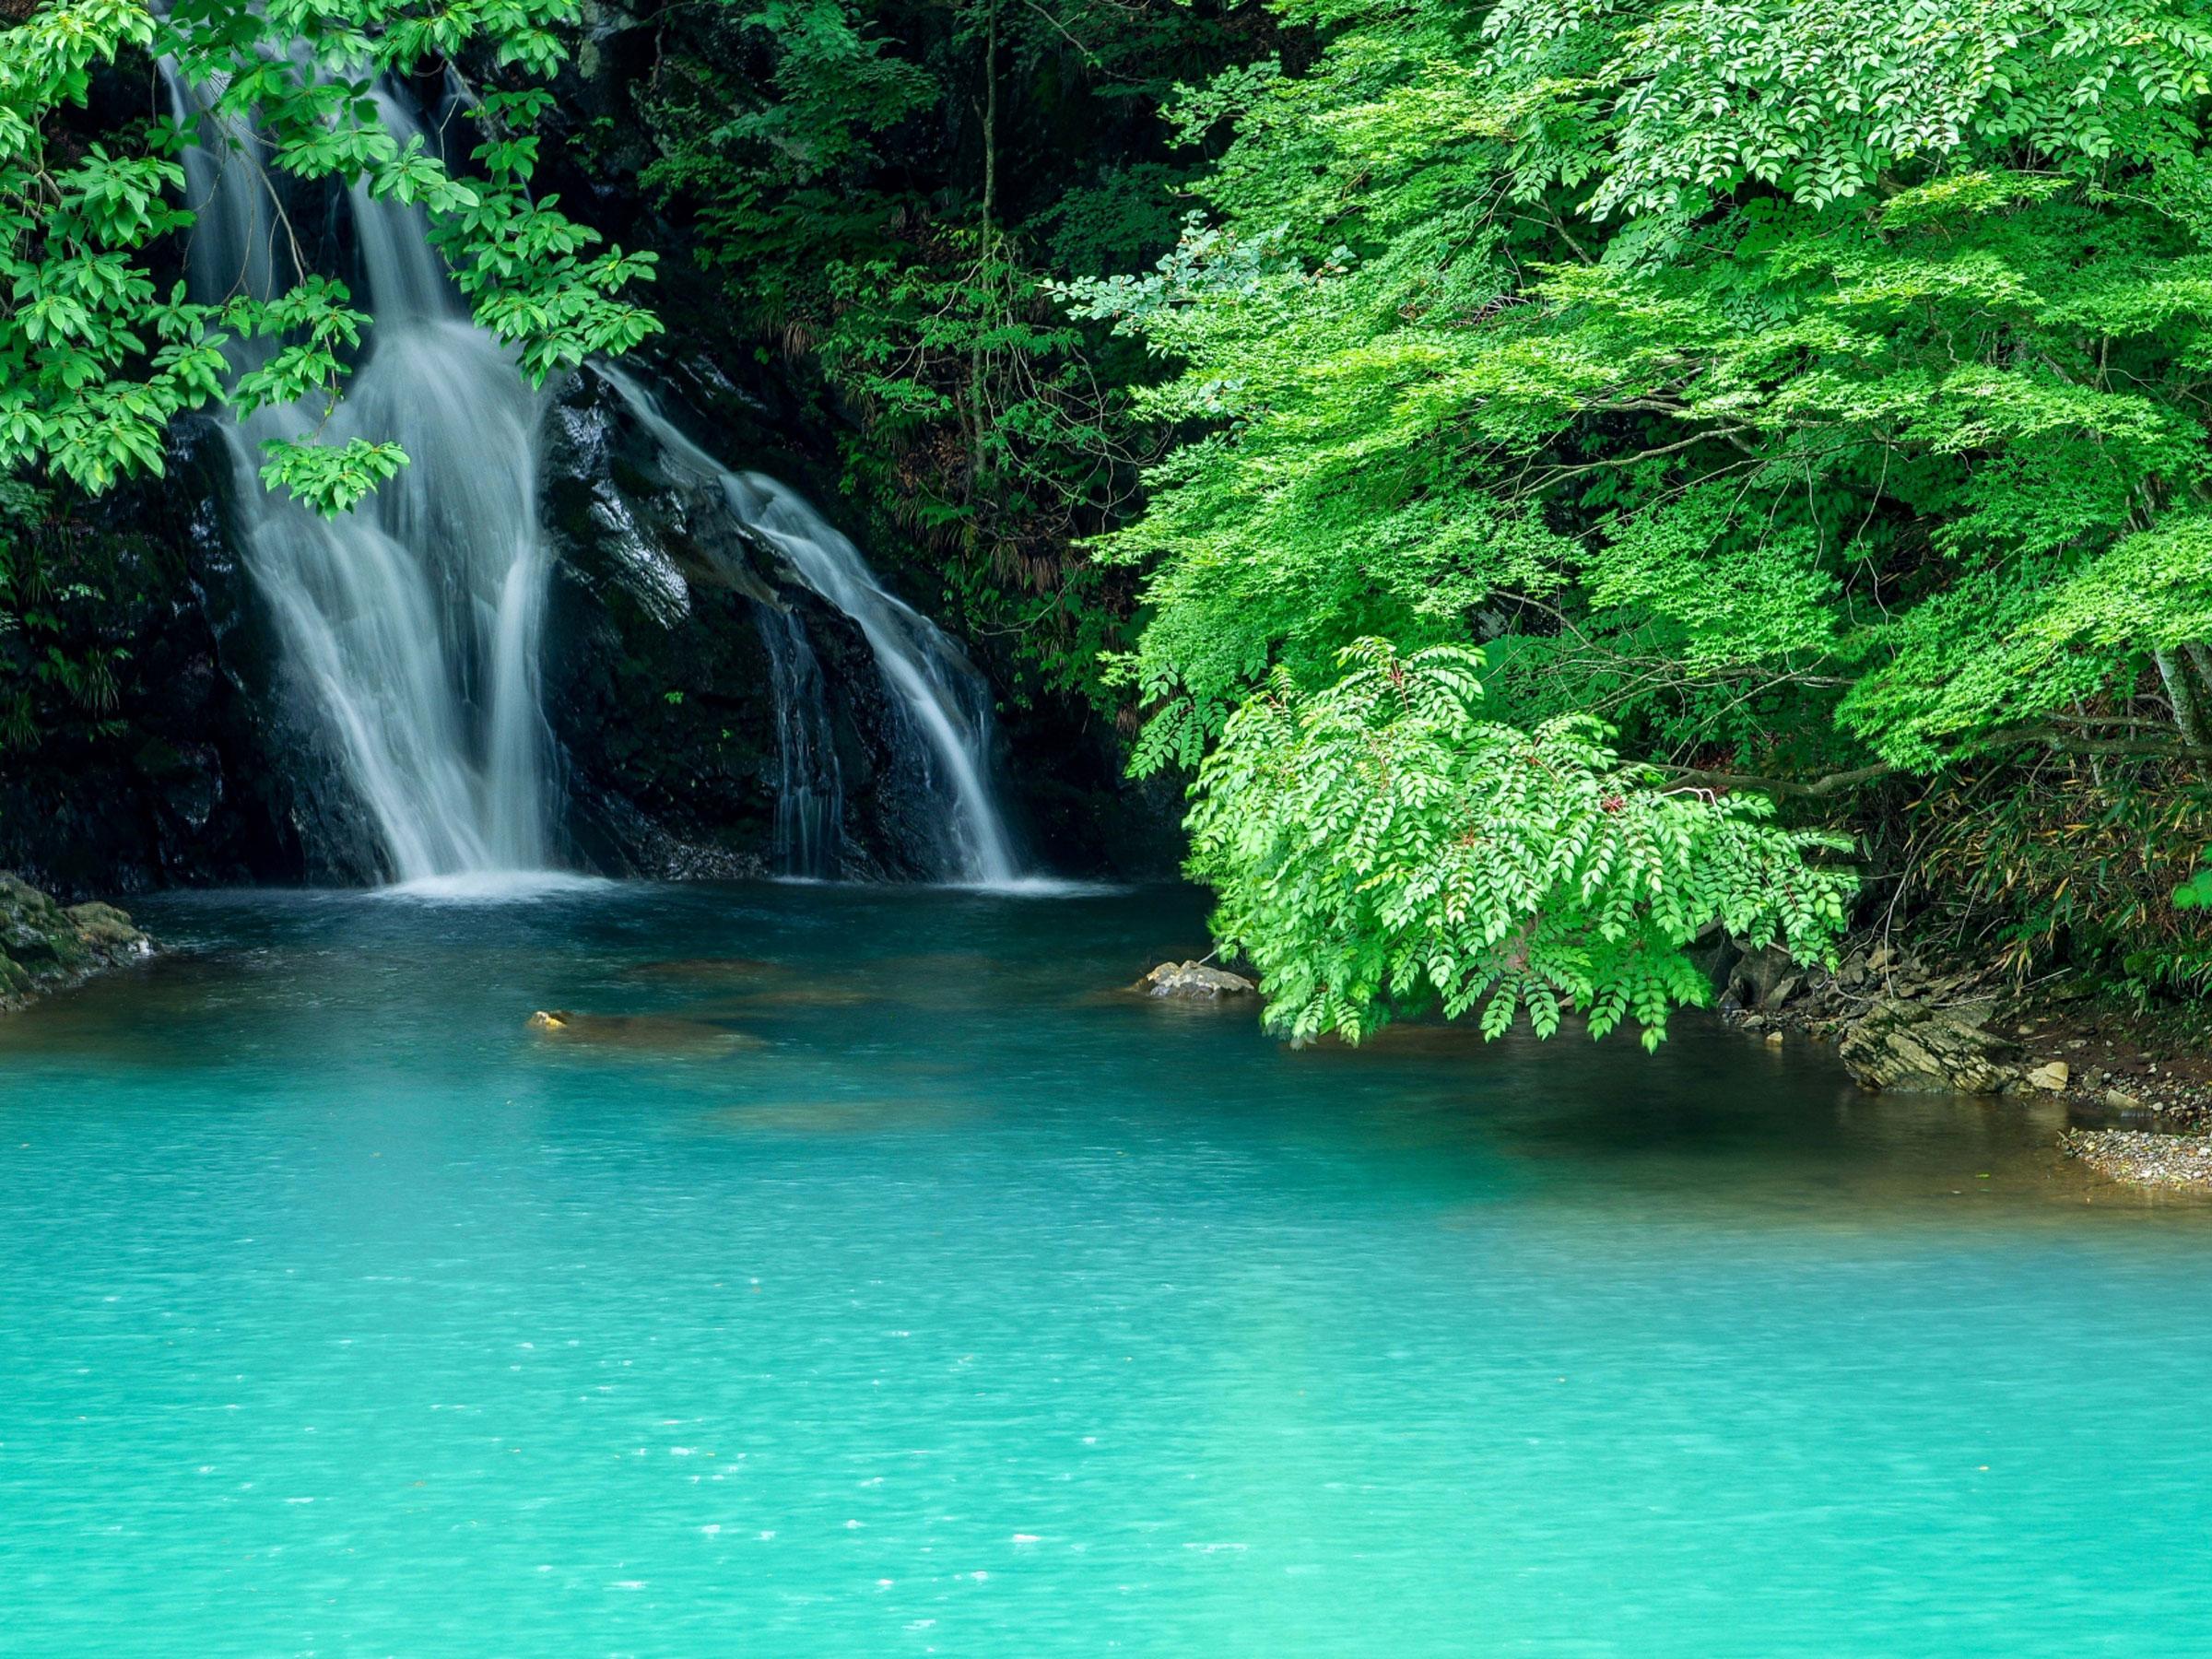 【群馬県】夏の絶景・風物詩5選 滝と水面が織りなす涼やかな景色